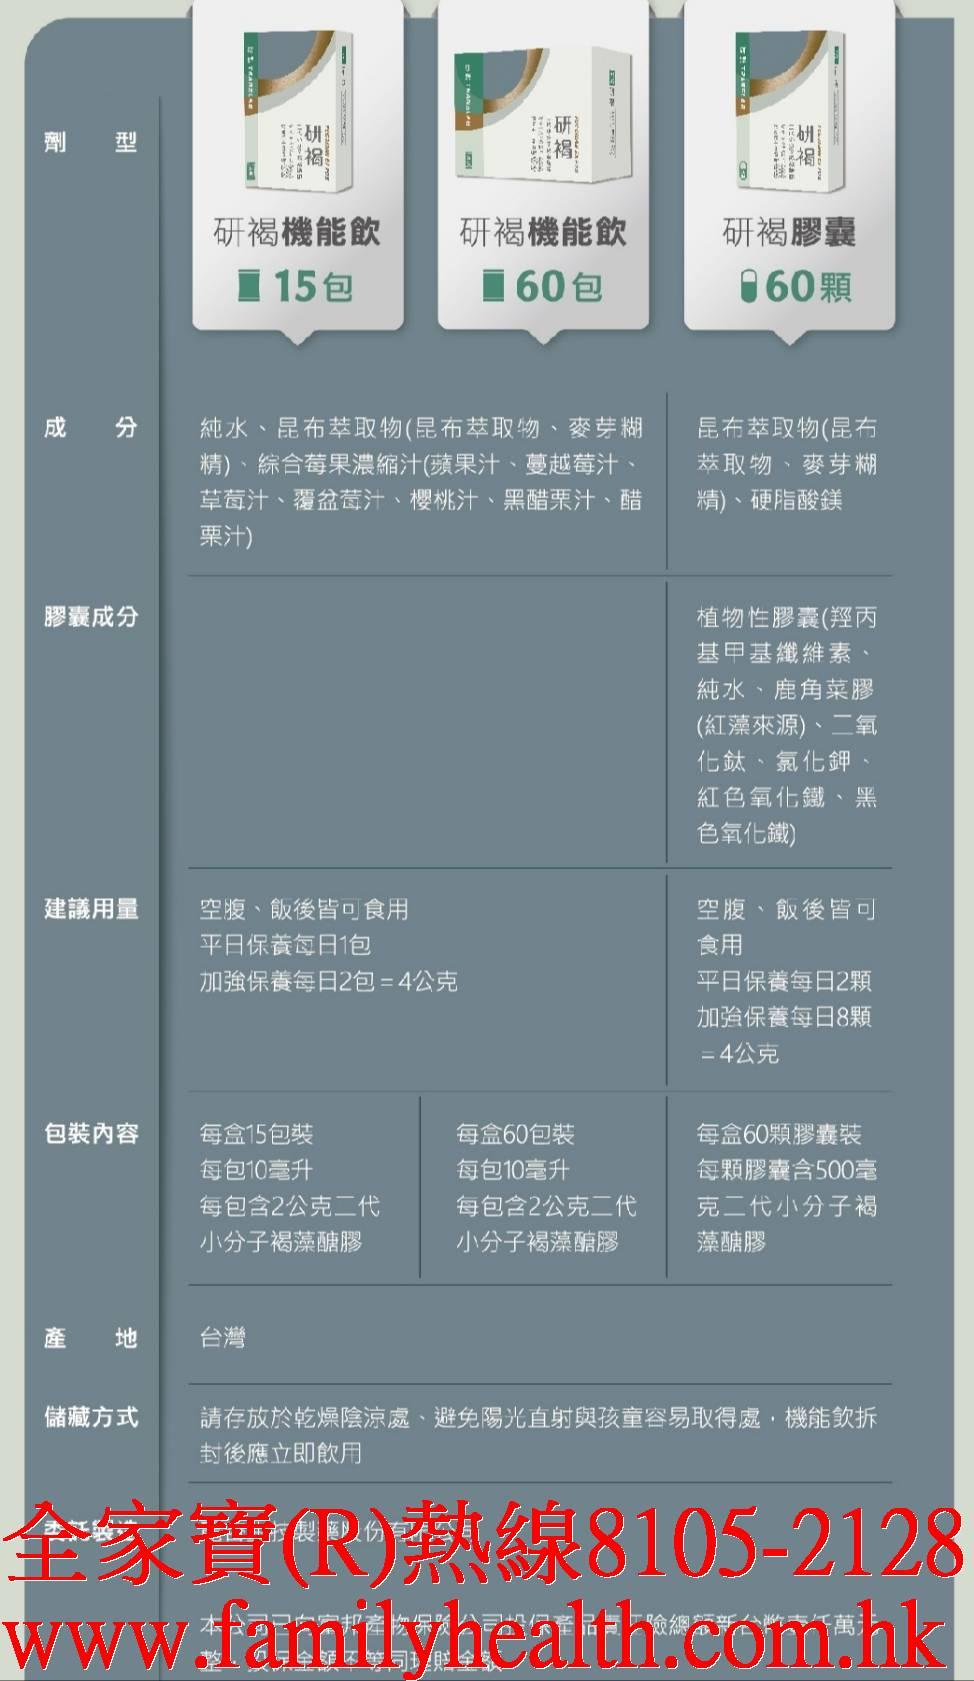 http://www.familyhealth.com.hk/files/full/1201_4.jpg